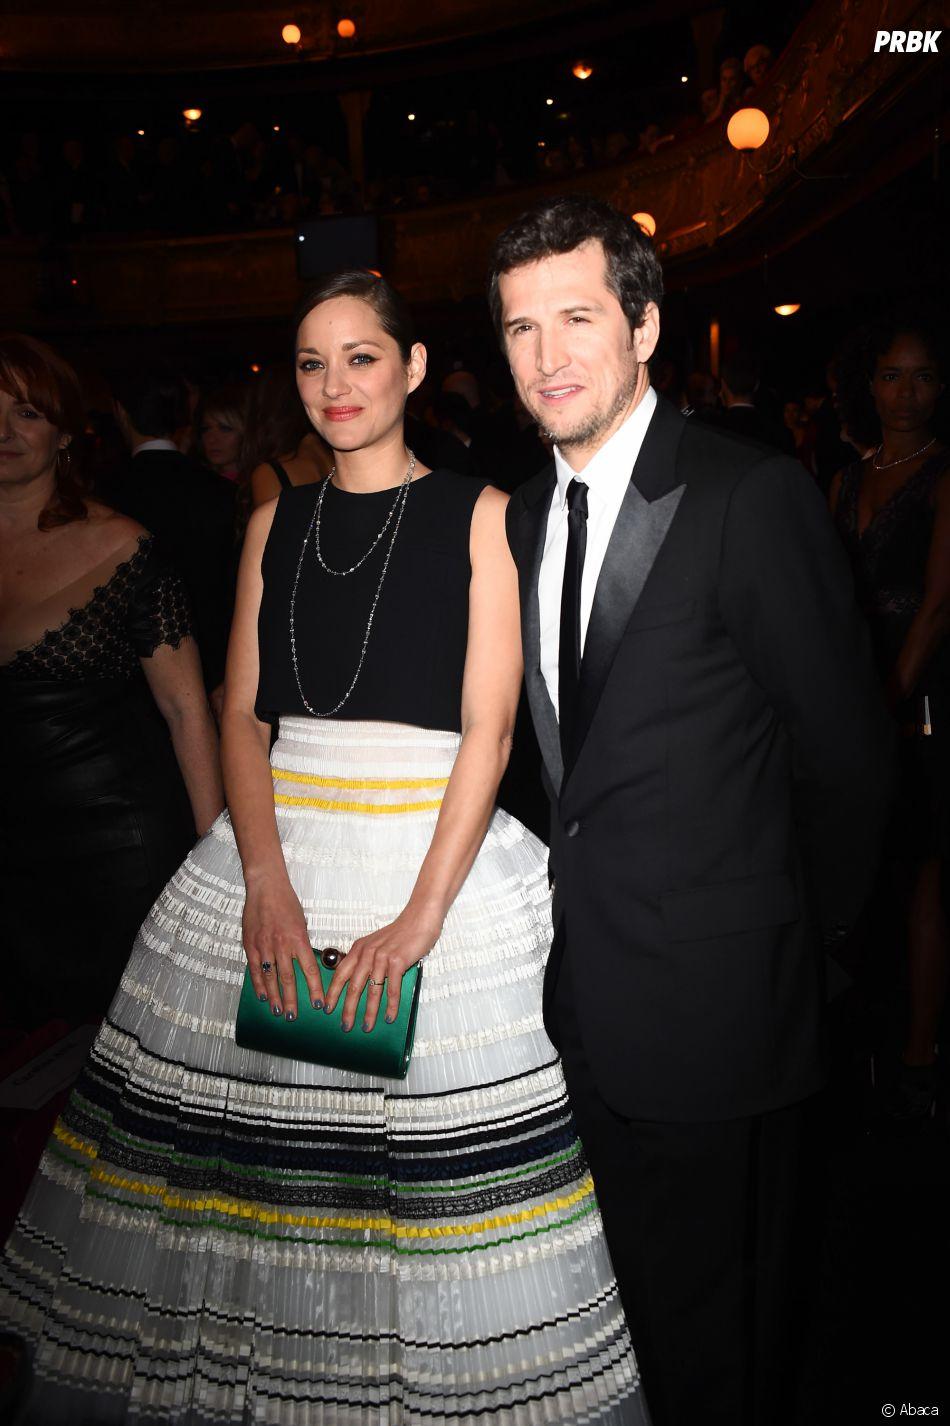 Marion Cotillard et Guillaume Canet répondent sur Instagram aux rumeurs après le divorce d'Angelina Jolie et Brad Pitt